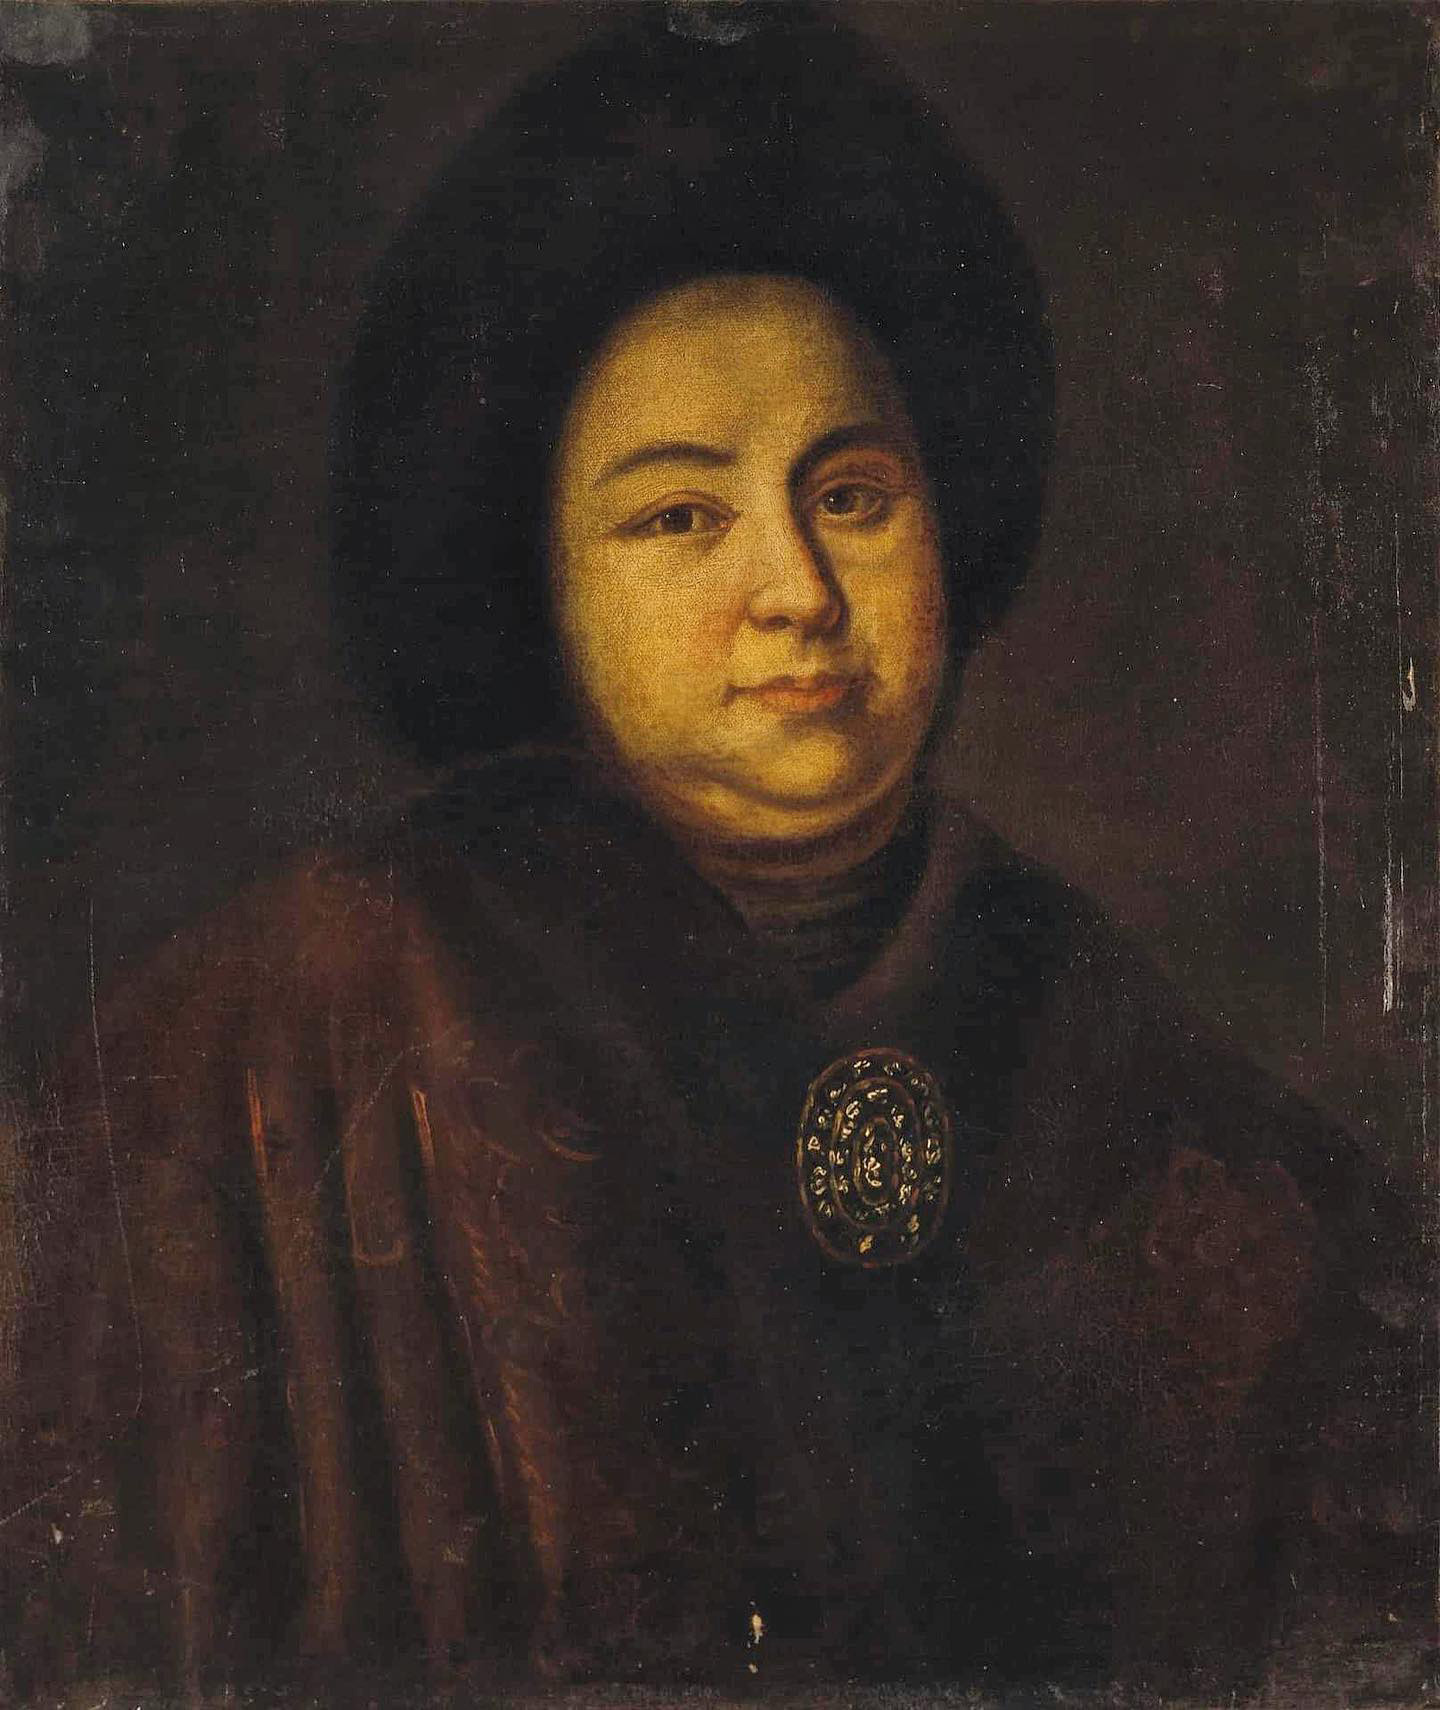 Anonymer Künstler. Porträt der Zarin Ewdokija Lopuchina aus dem 18. Jahrhundert (1669-1731).